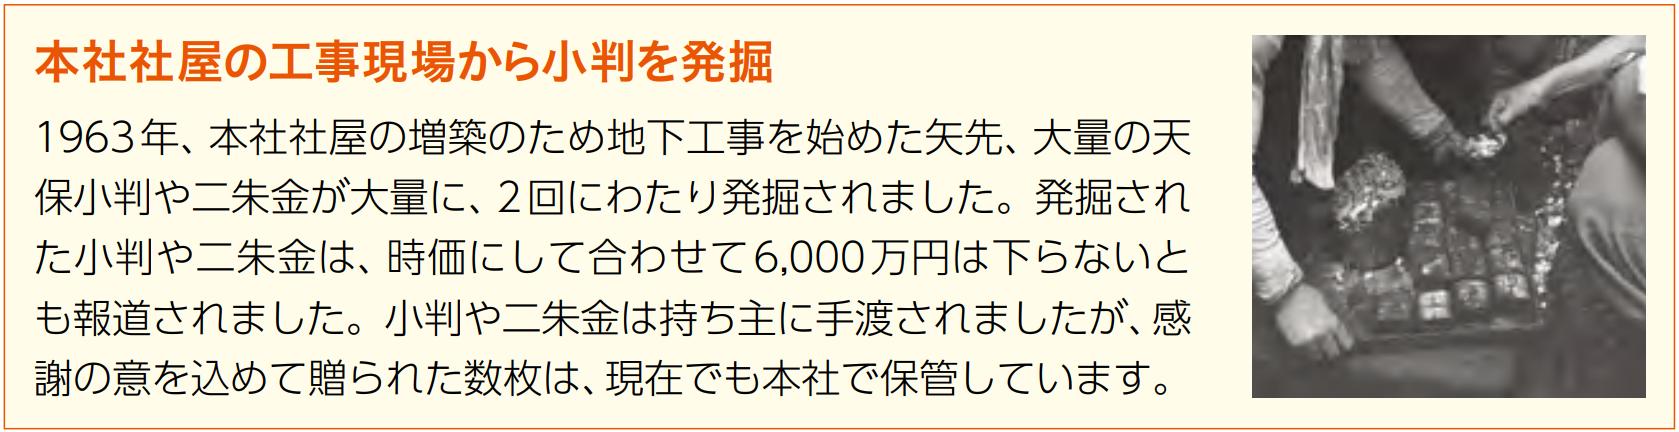 日清オイリオ 埋蔵金 2015コーポレートレポート 新川散策1